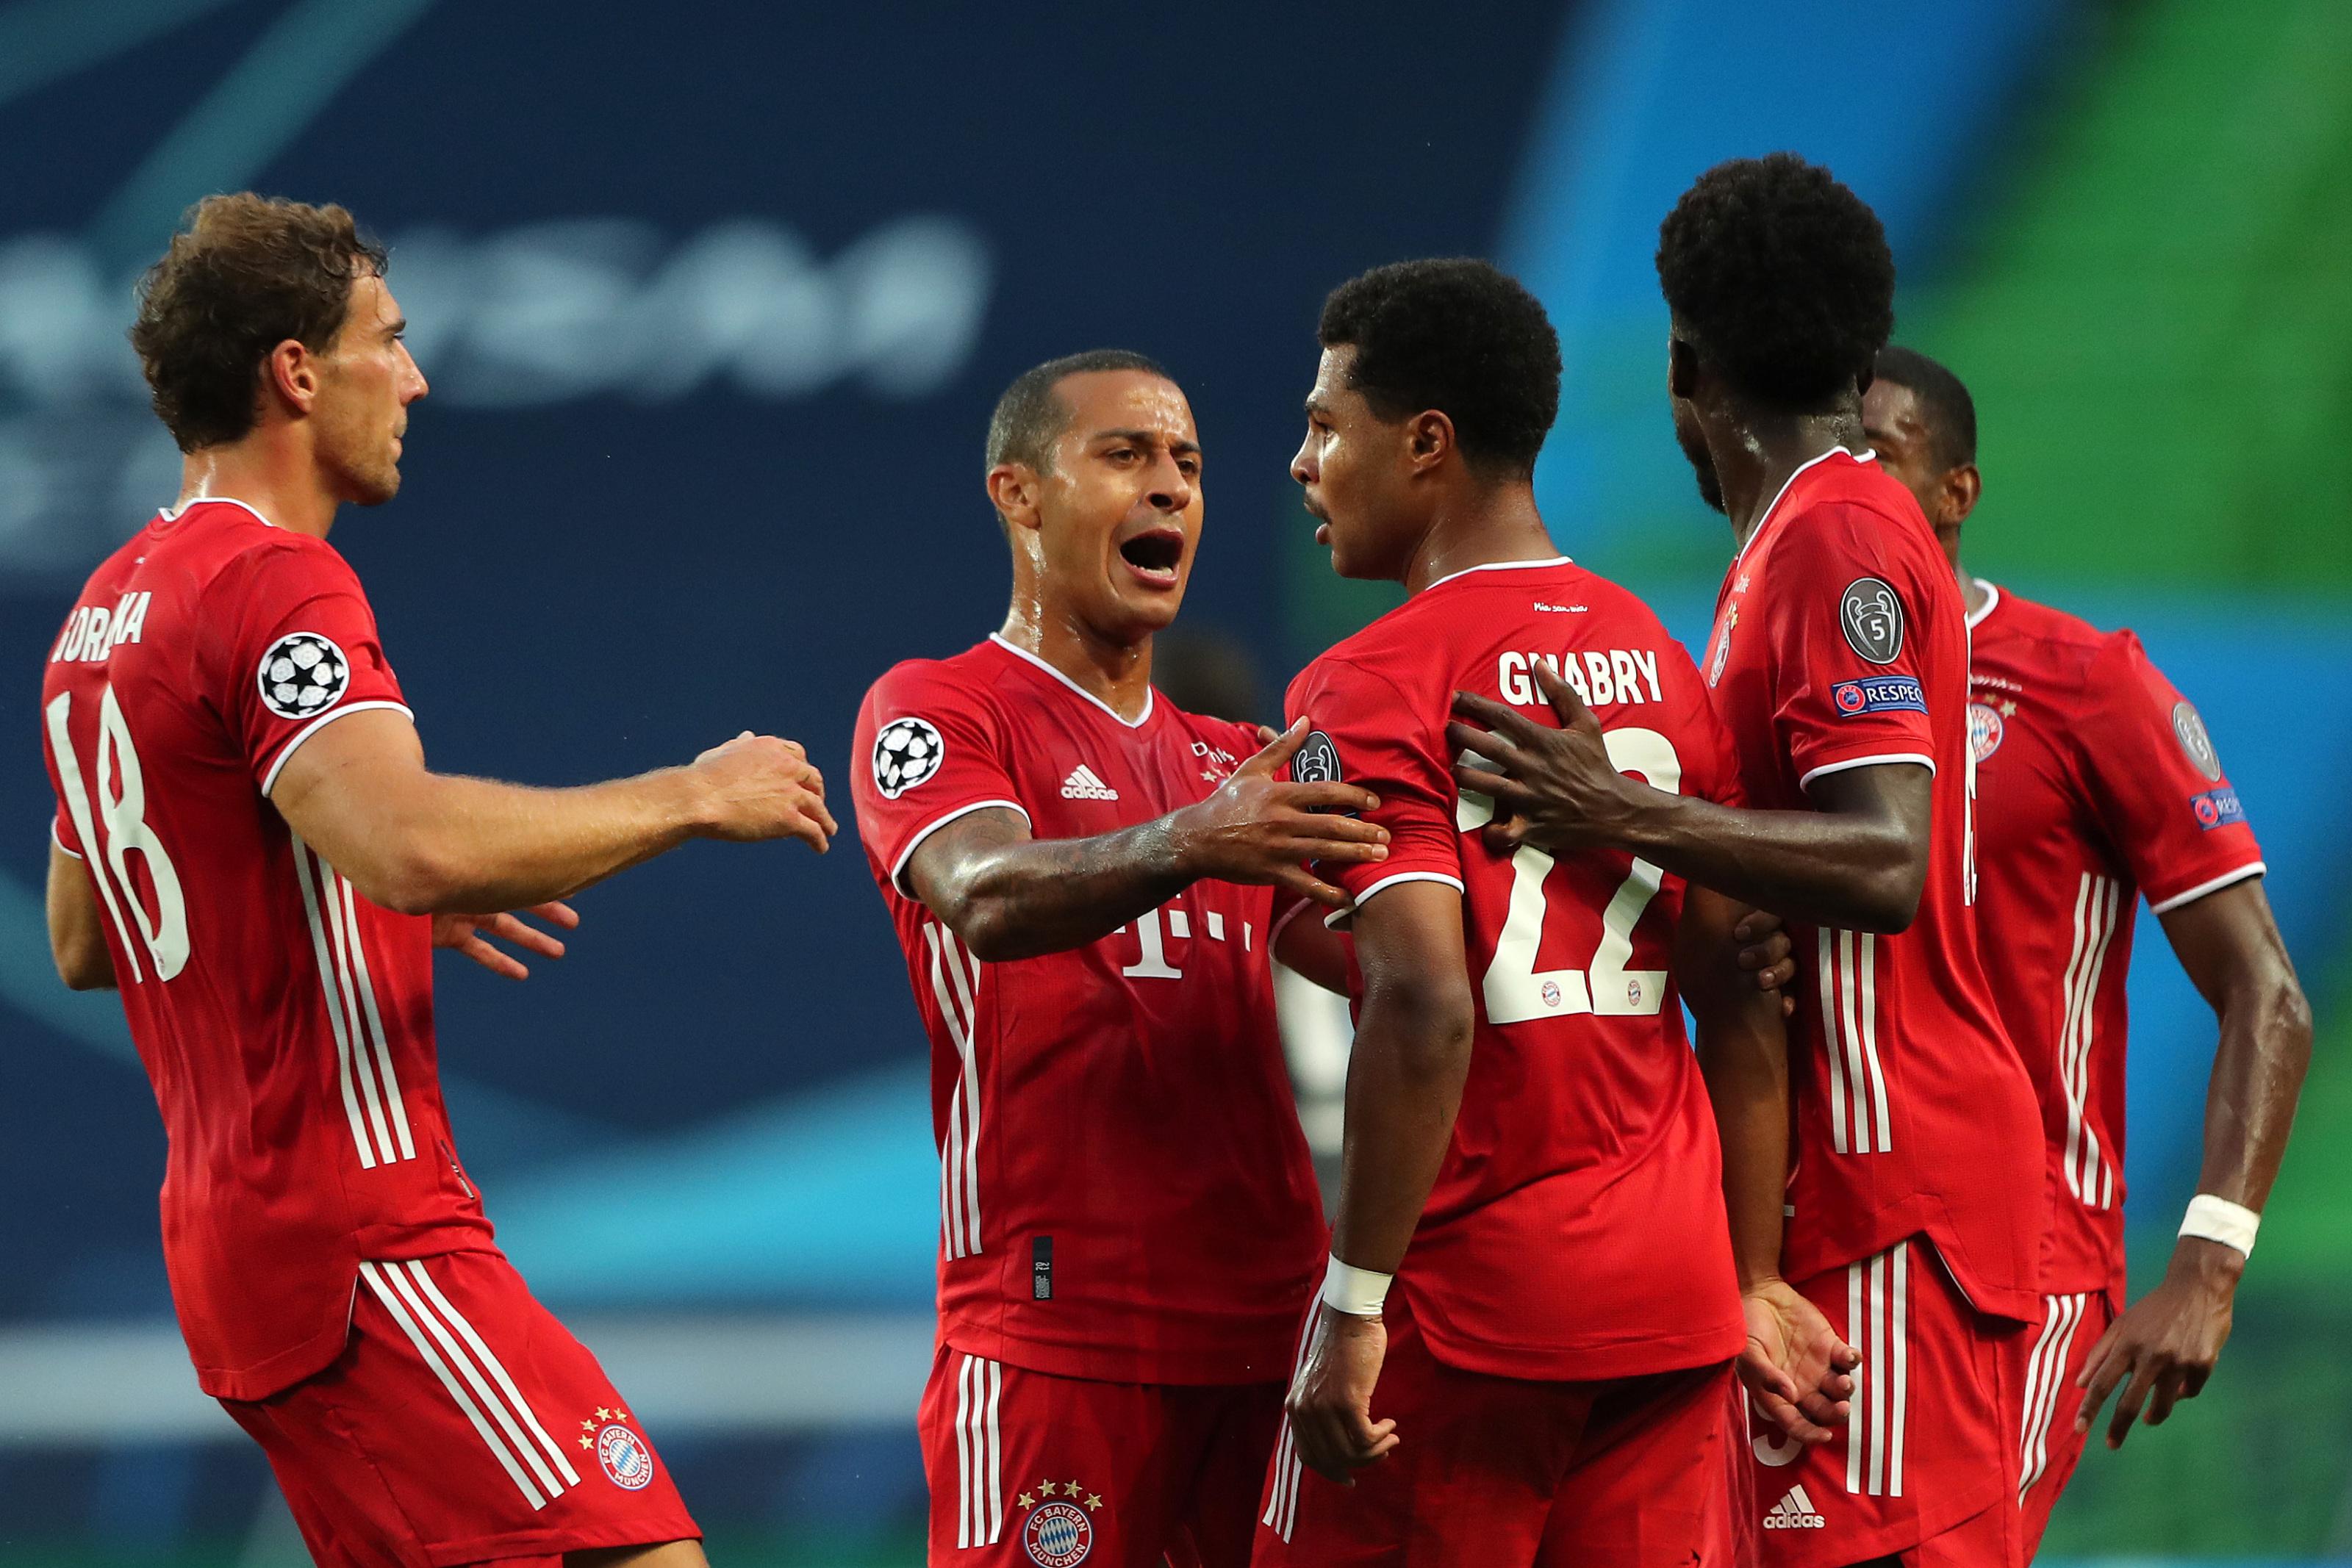 Është pranë kalimit në Premier Ligë, trajneri i Bajern Mynihut konfirmon largimin e lojtarit